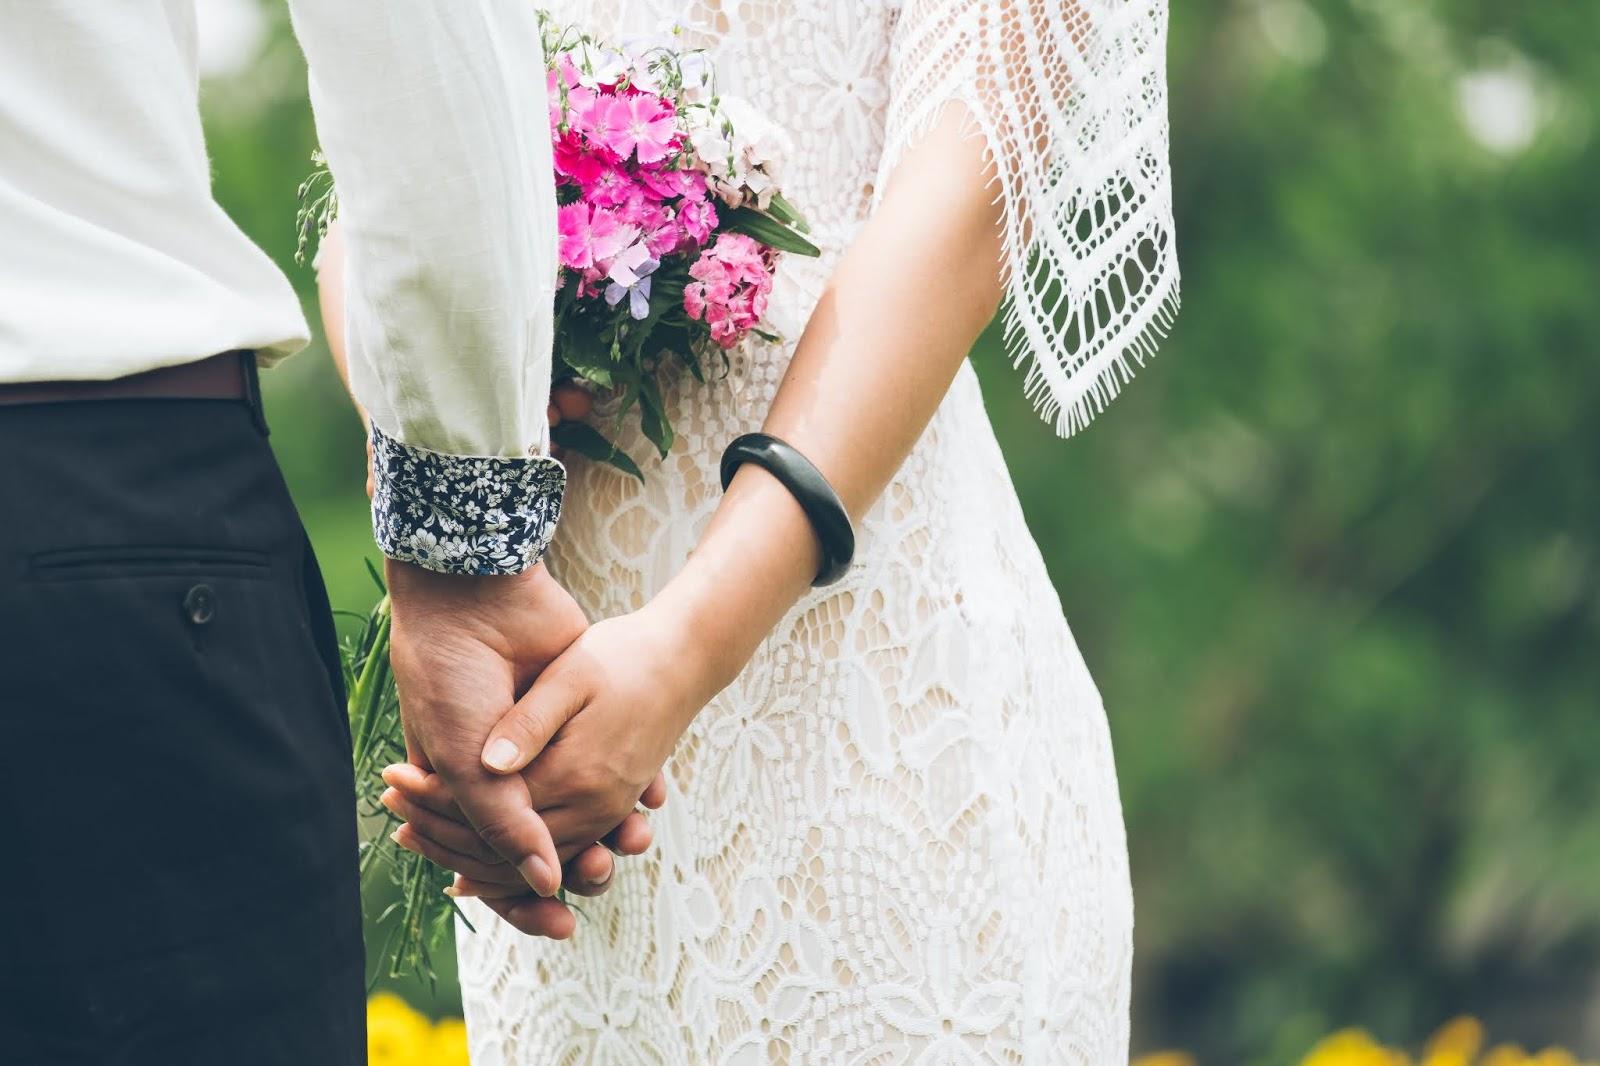 Ξάνθη: Πρόστιμο μαμούθ άνω των 15.000 ευρώ σε γάμο στον Εχίνο